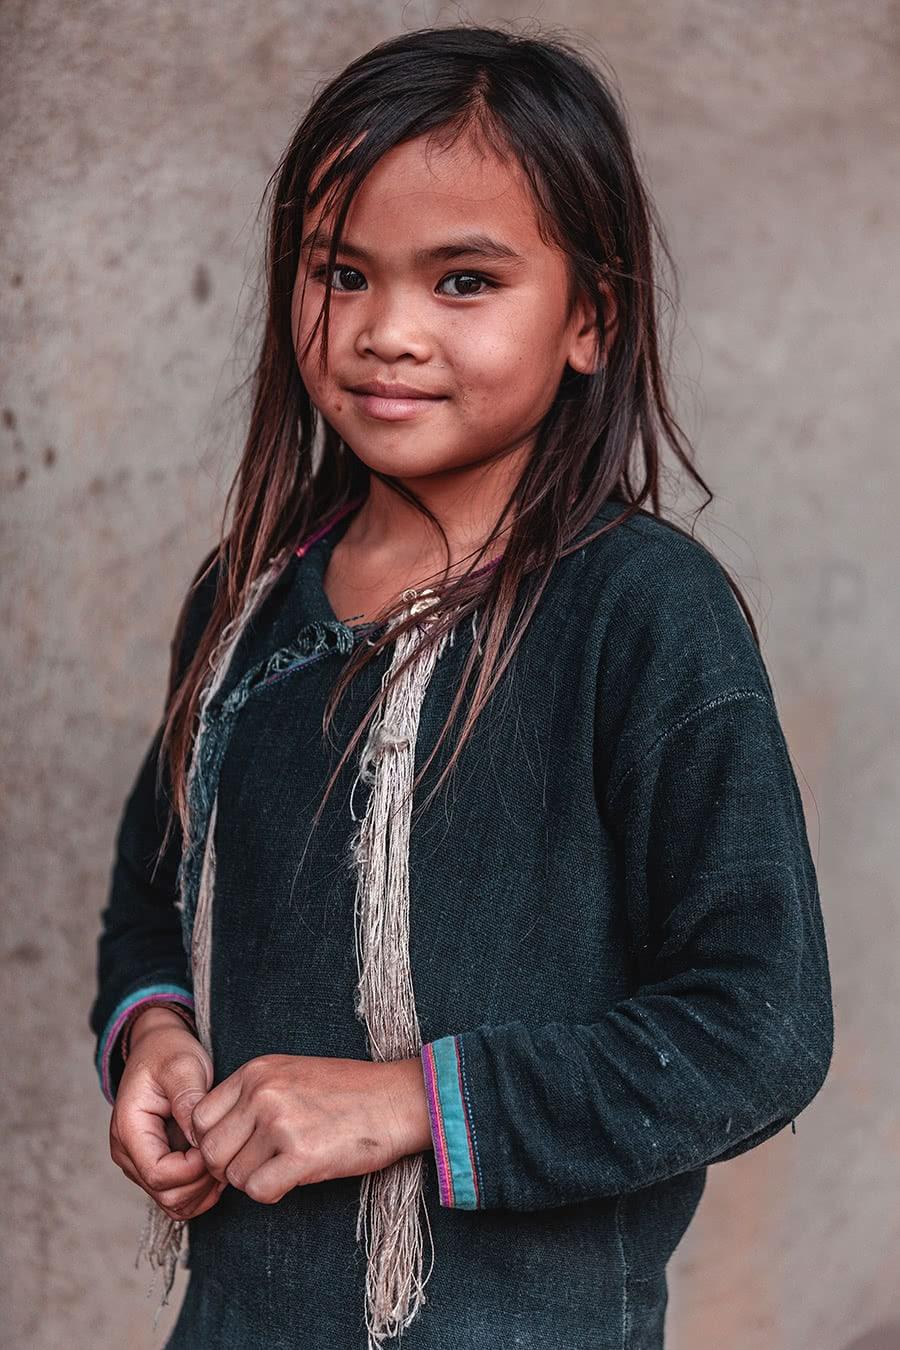 A young Lantan girl in Luang Namtha, Laos.